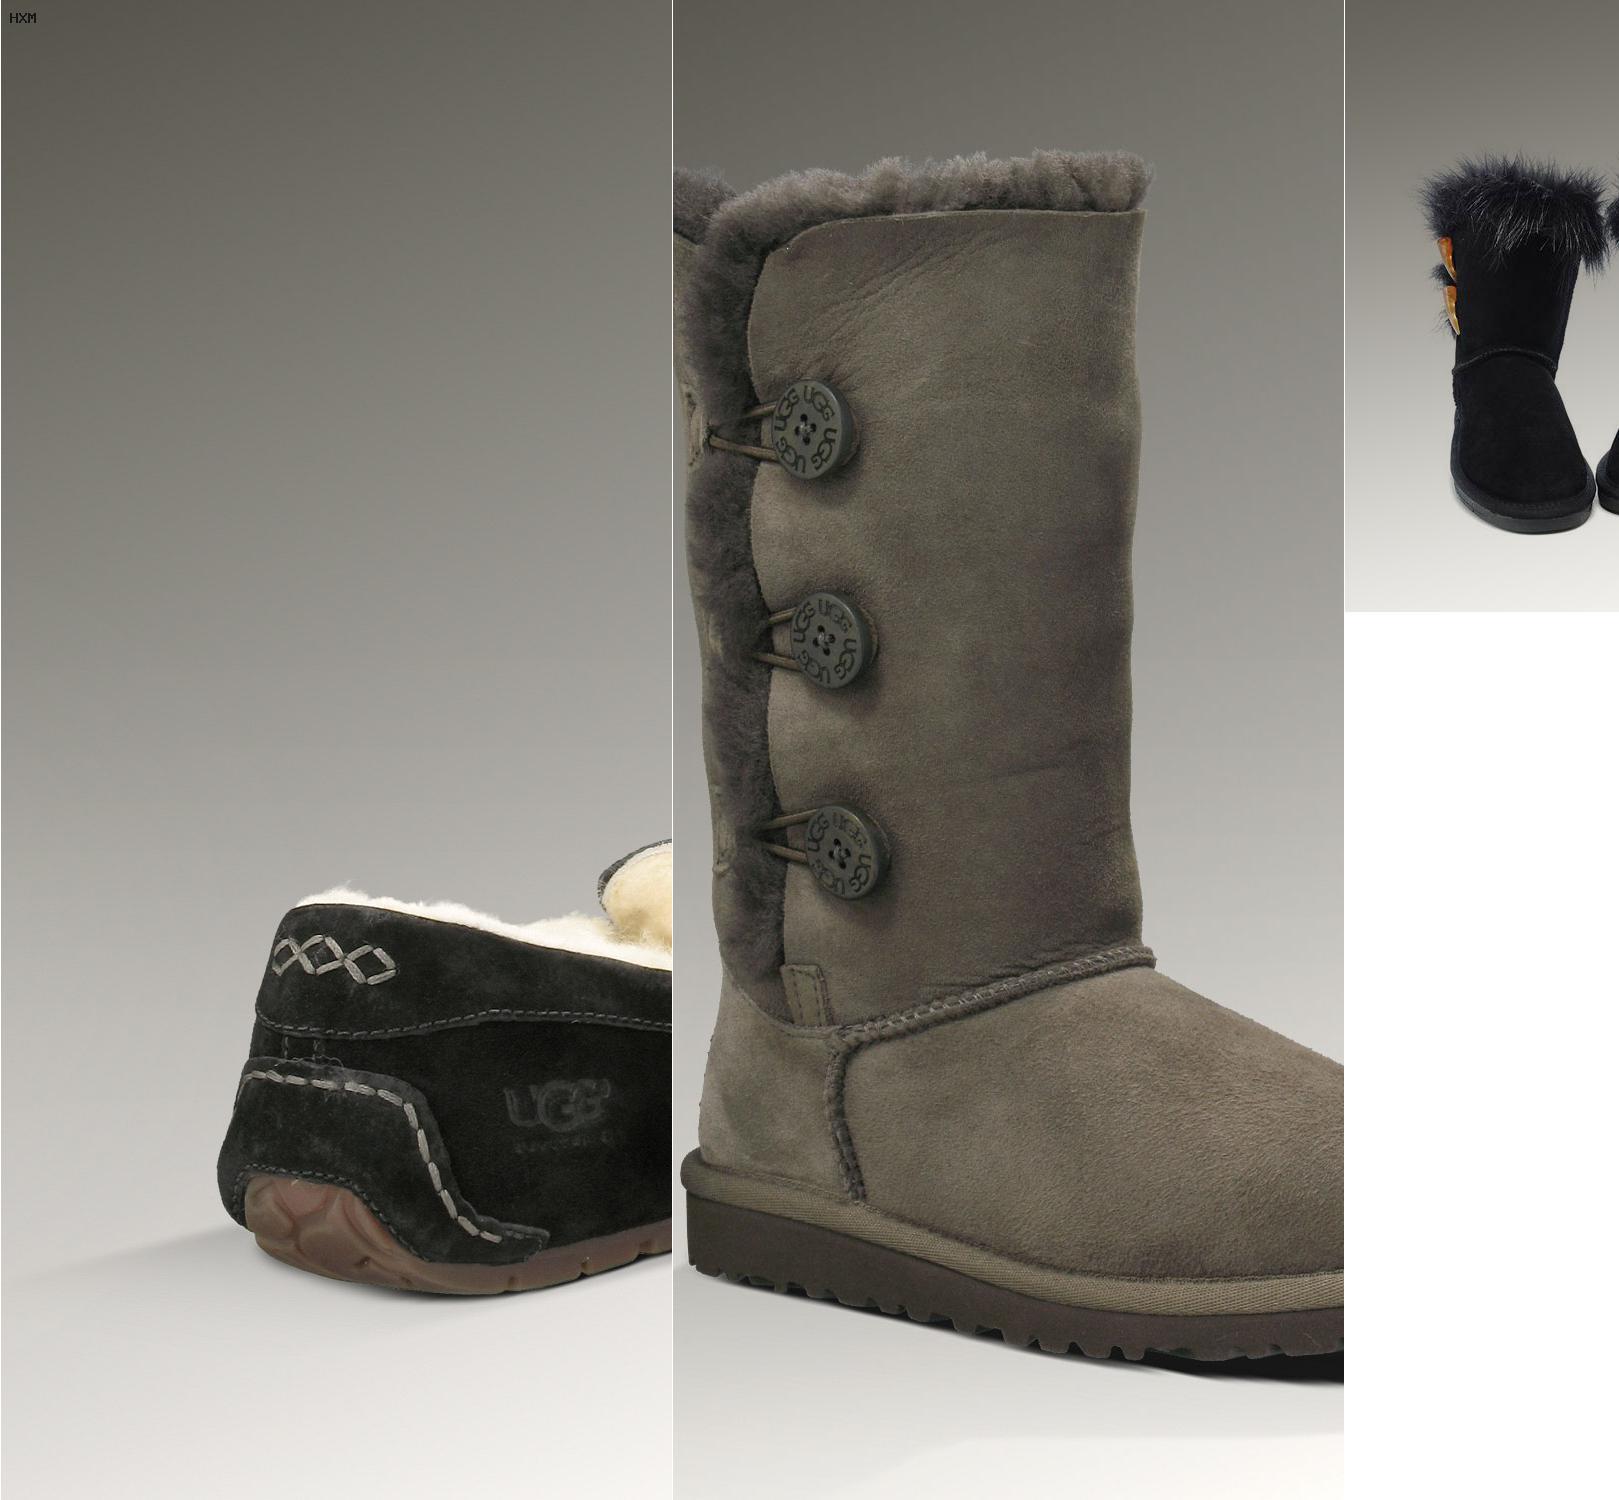 imagenes de botas uggs